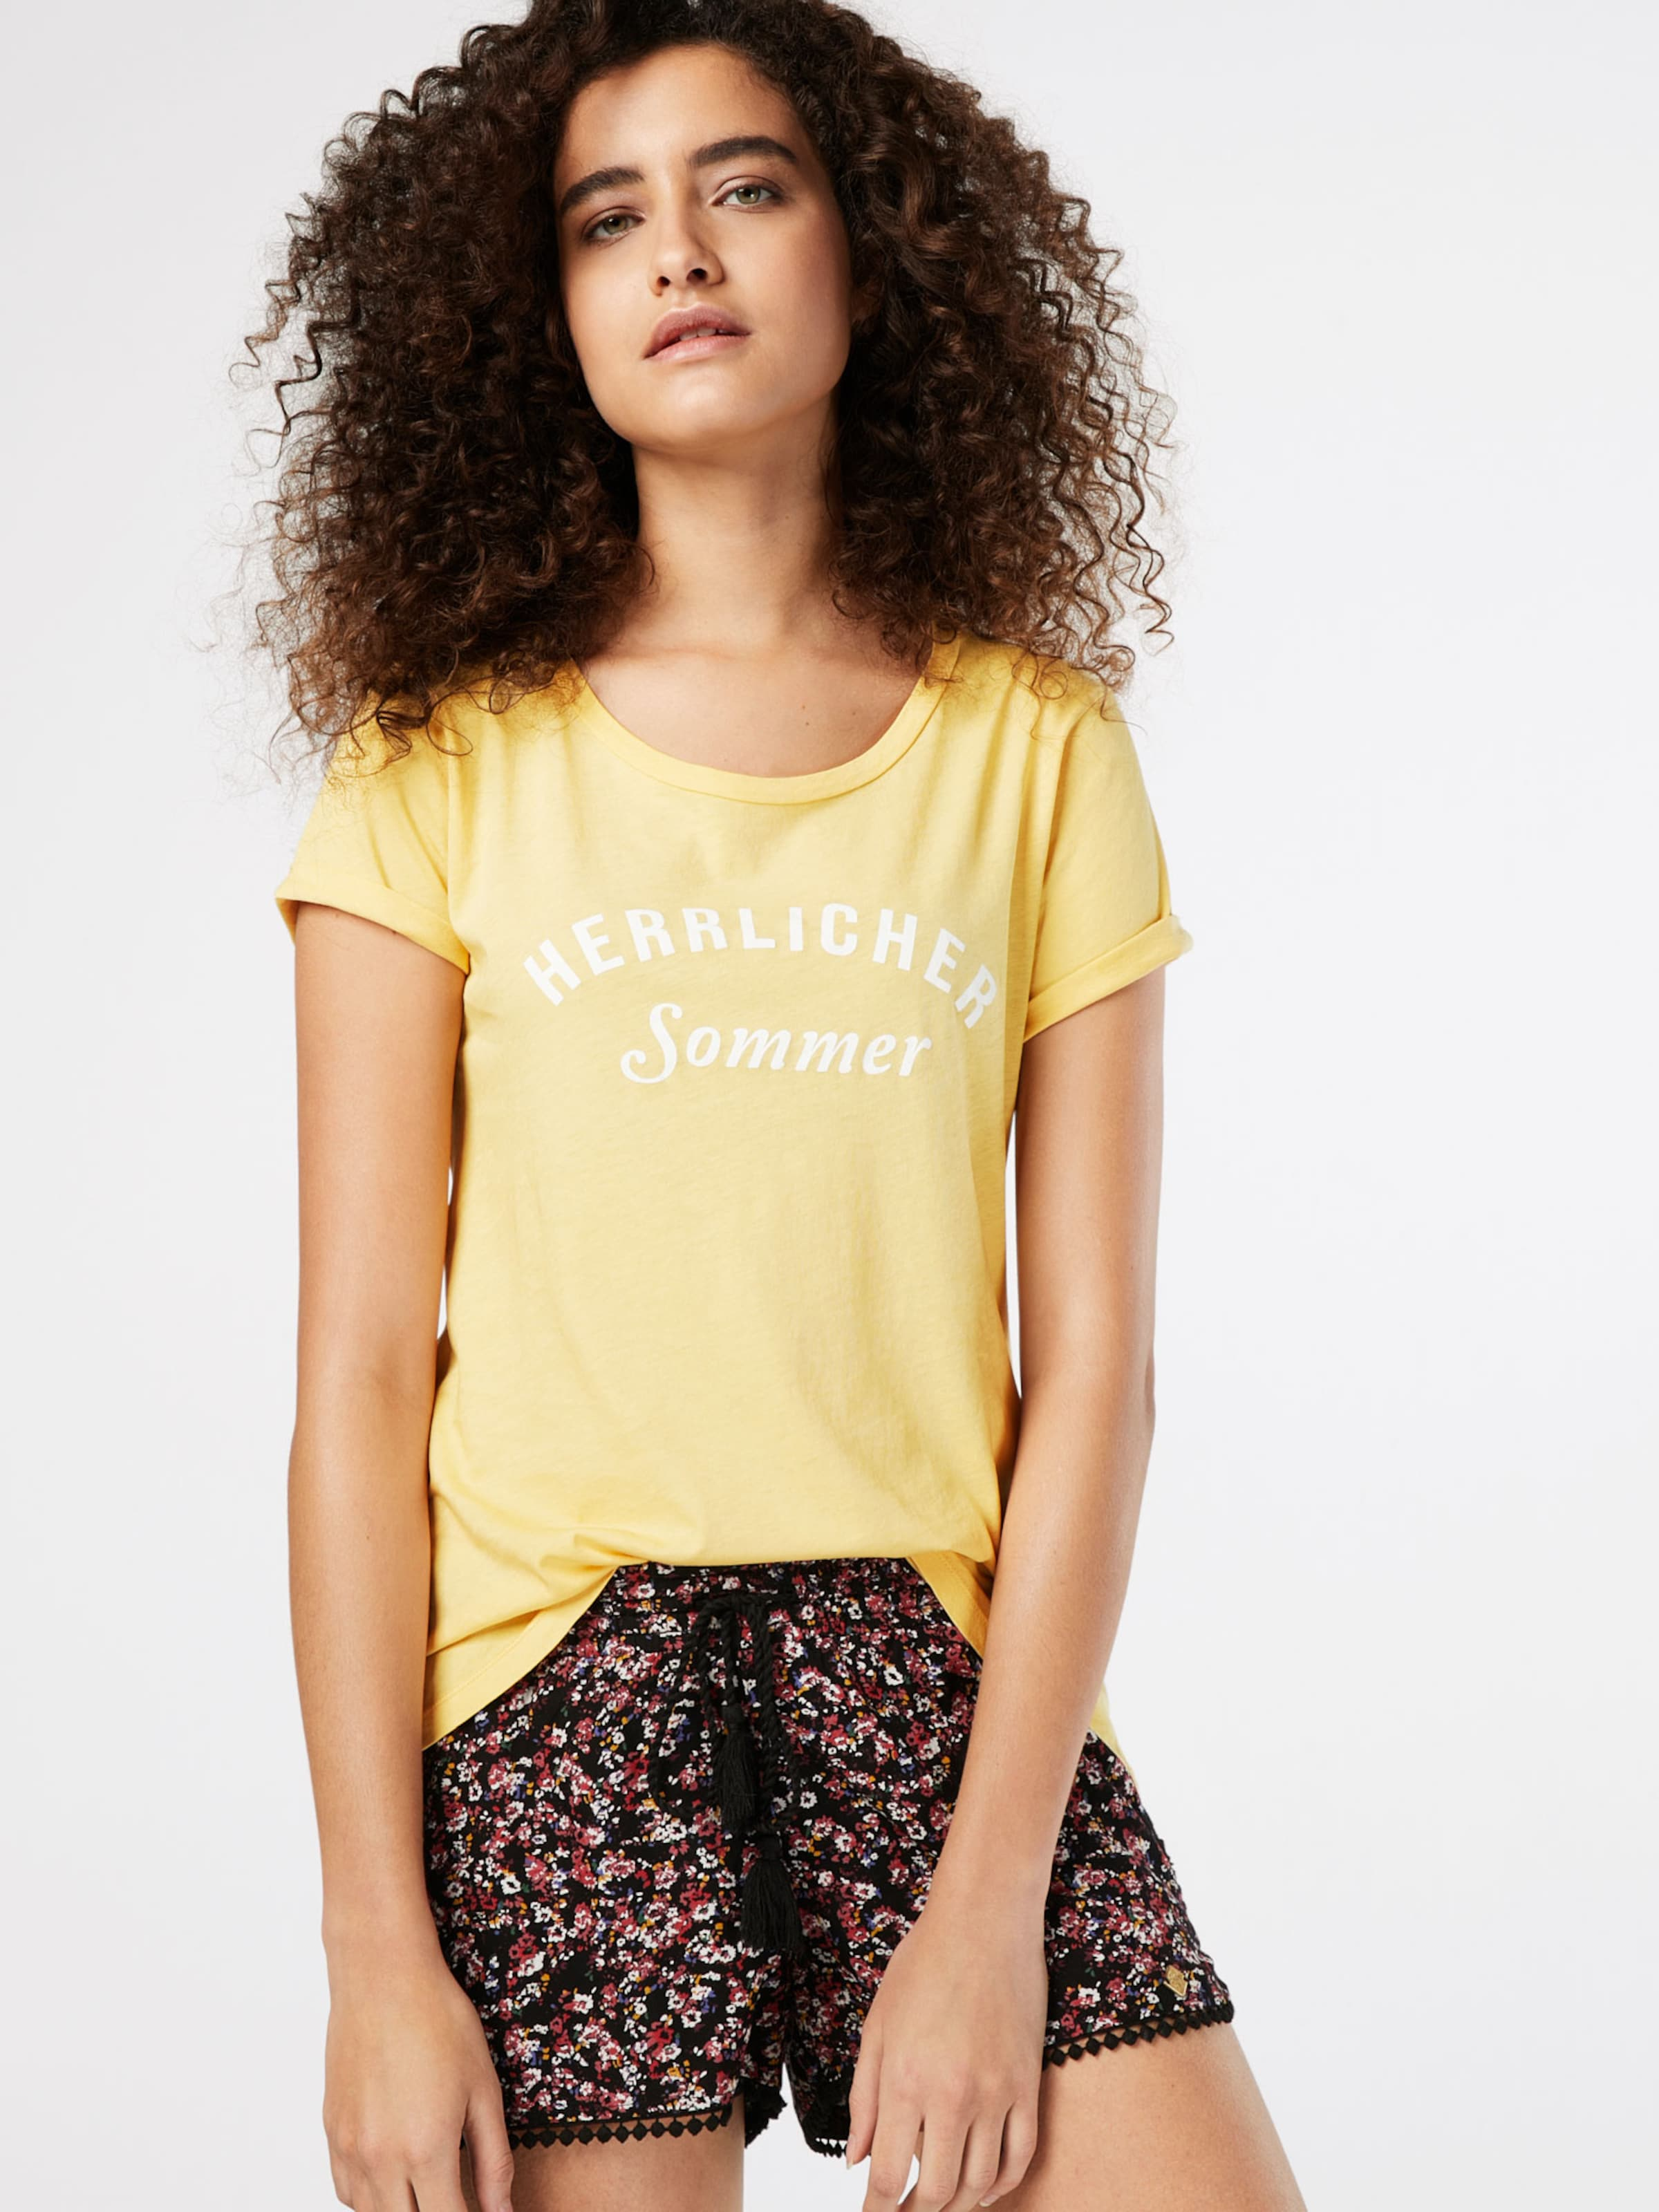 Billiger Großhandel Bester Großhandelsverkauf Online Herrlicher Shirt 'Kendall' Rabatt Günstigsten Preis 100% Original Günstiger Preis dc4Ci4NSXr